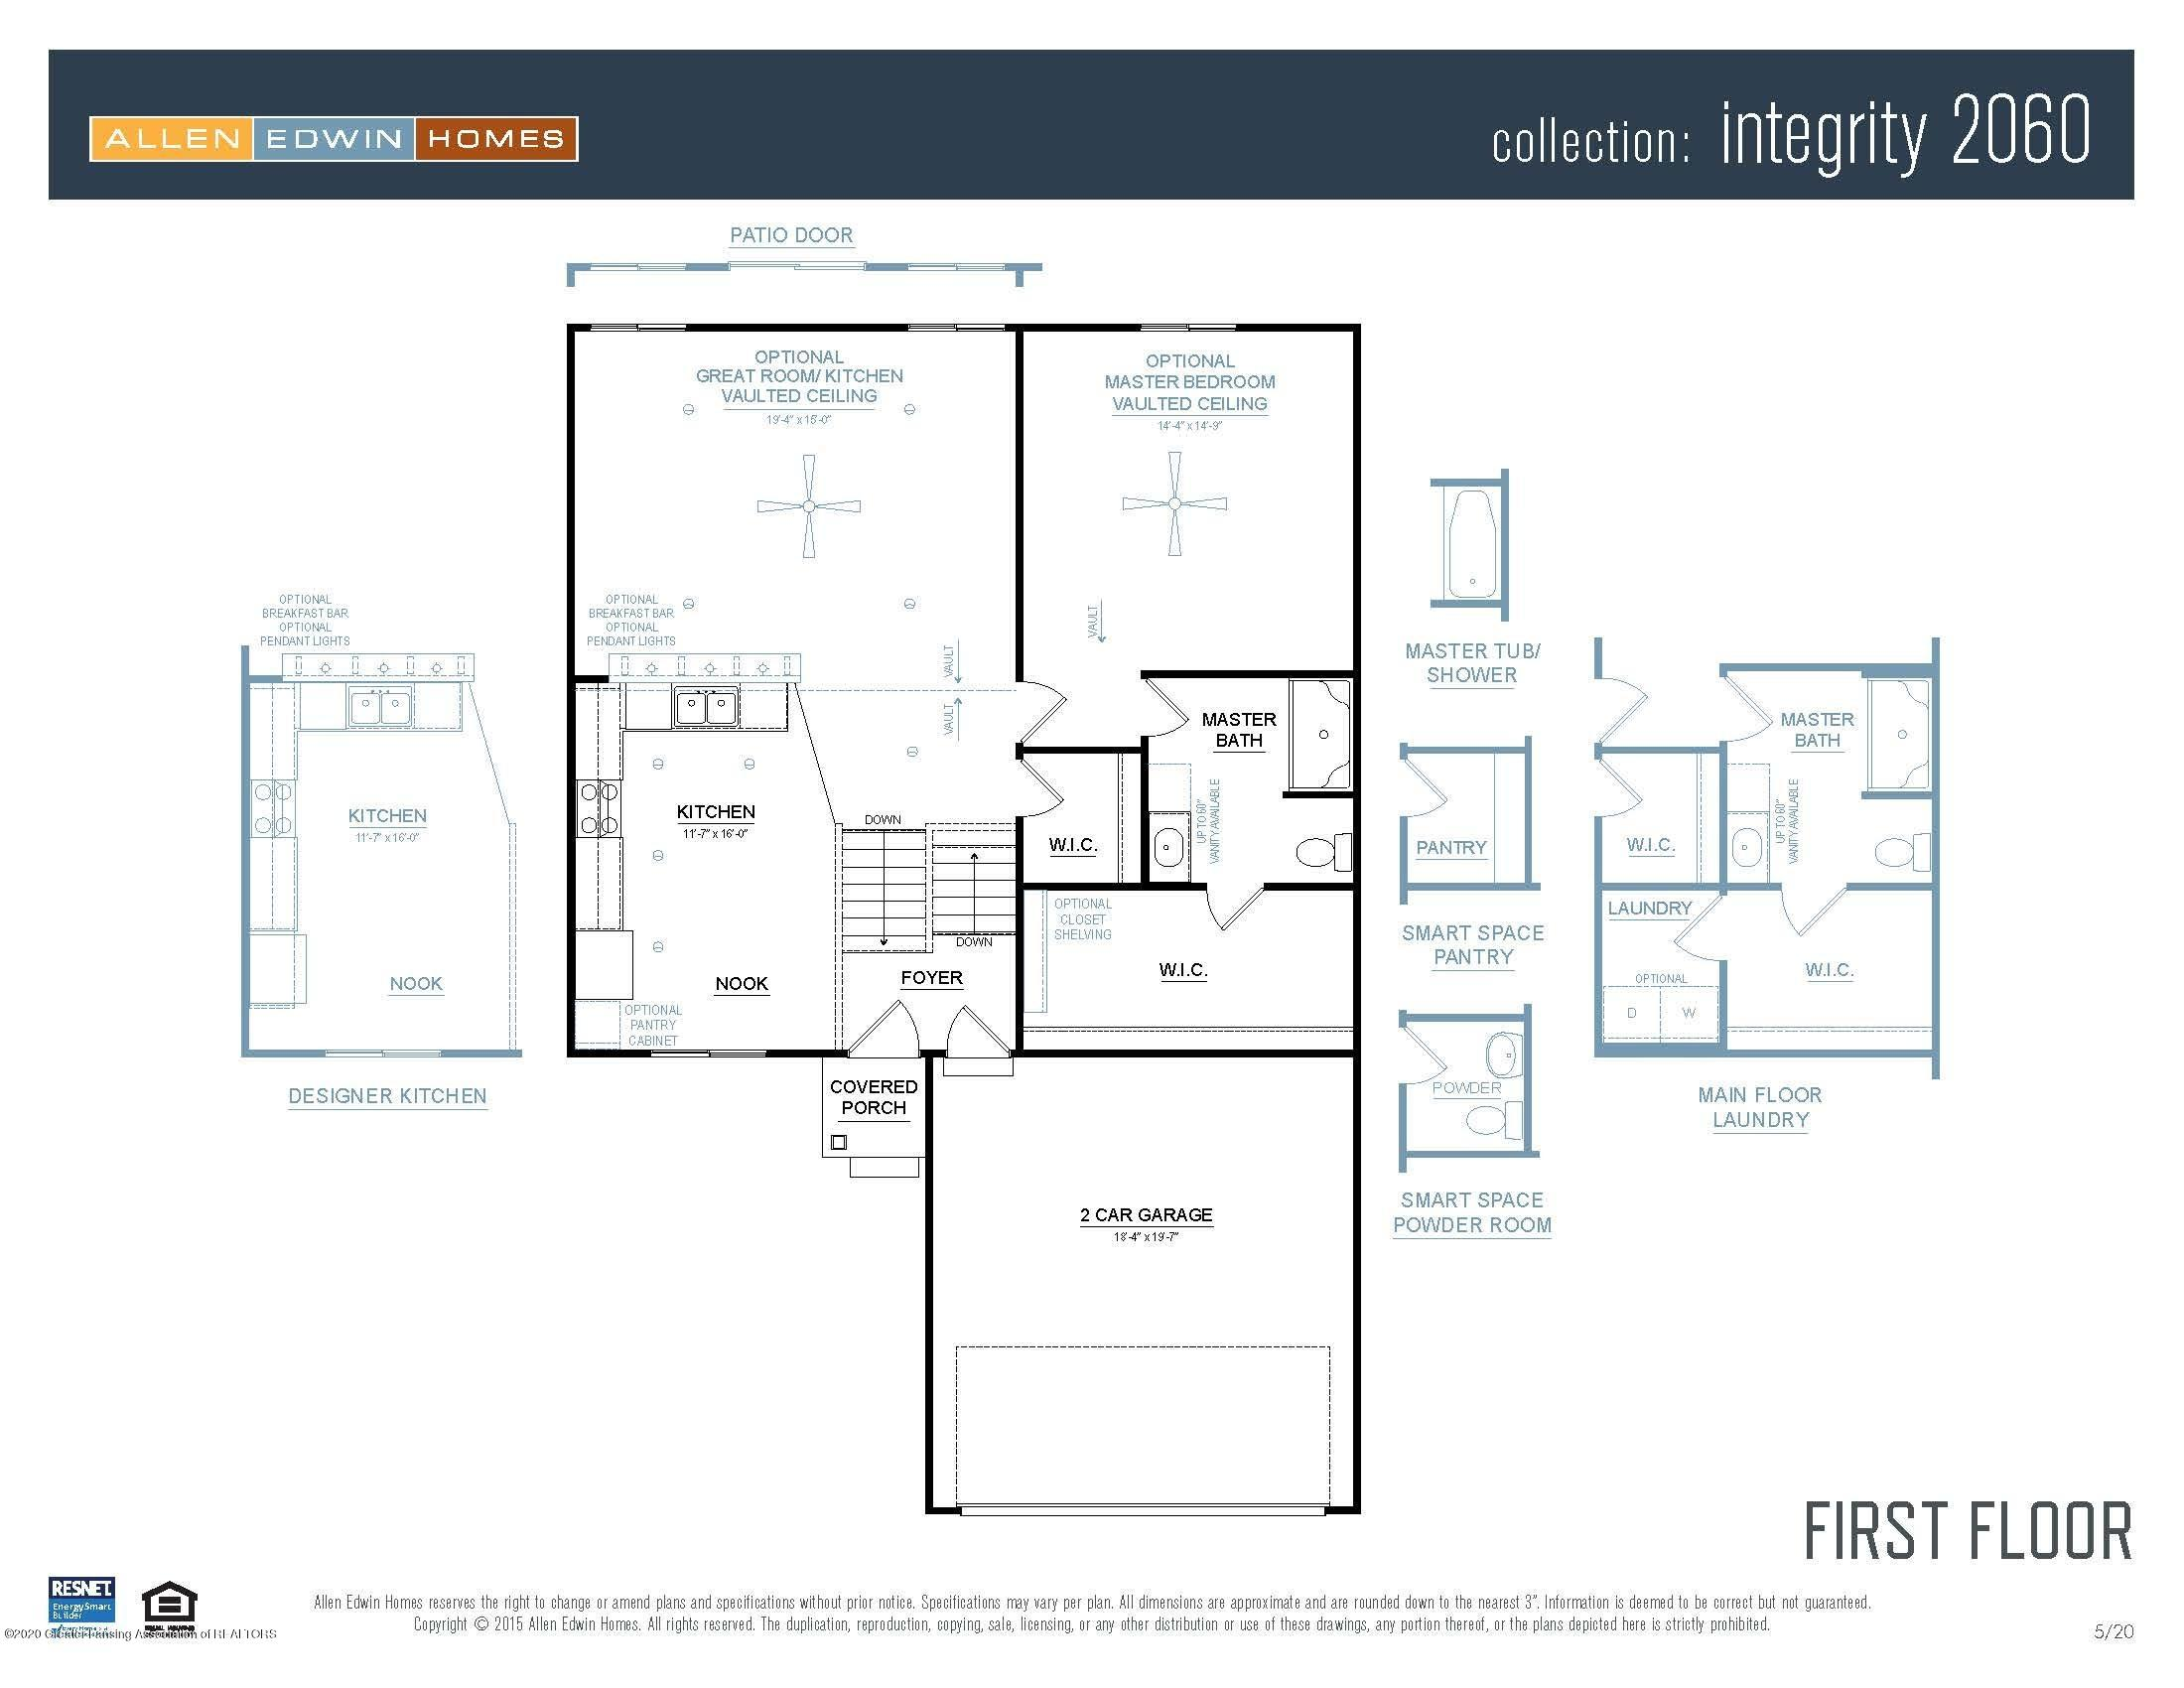 1123 Chesham - Integrity 2060 V8.0c First Floor - 16